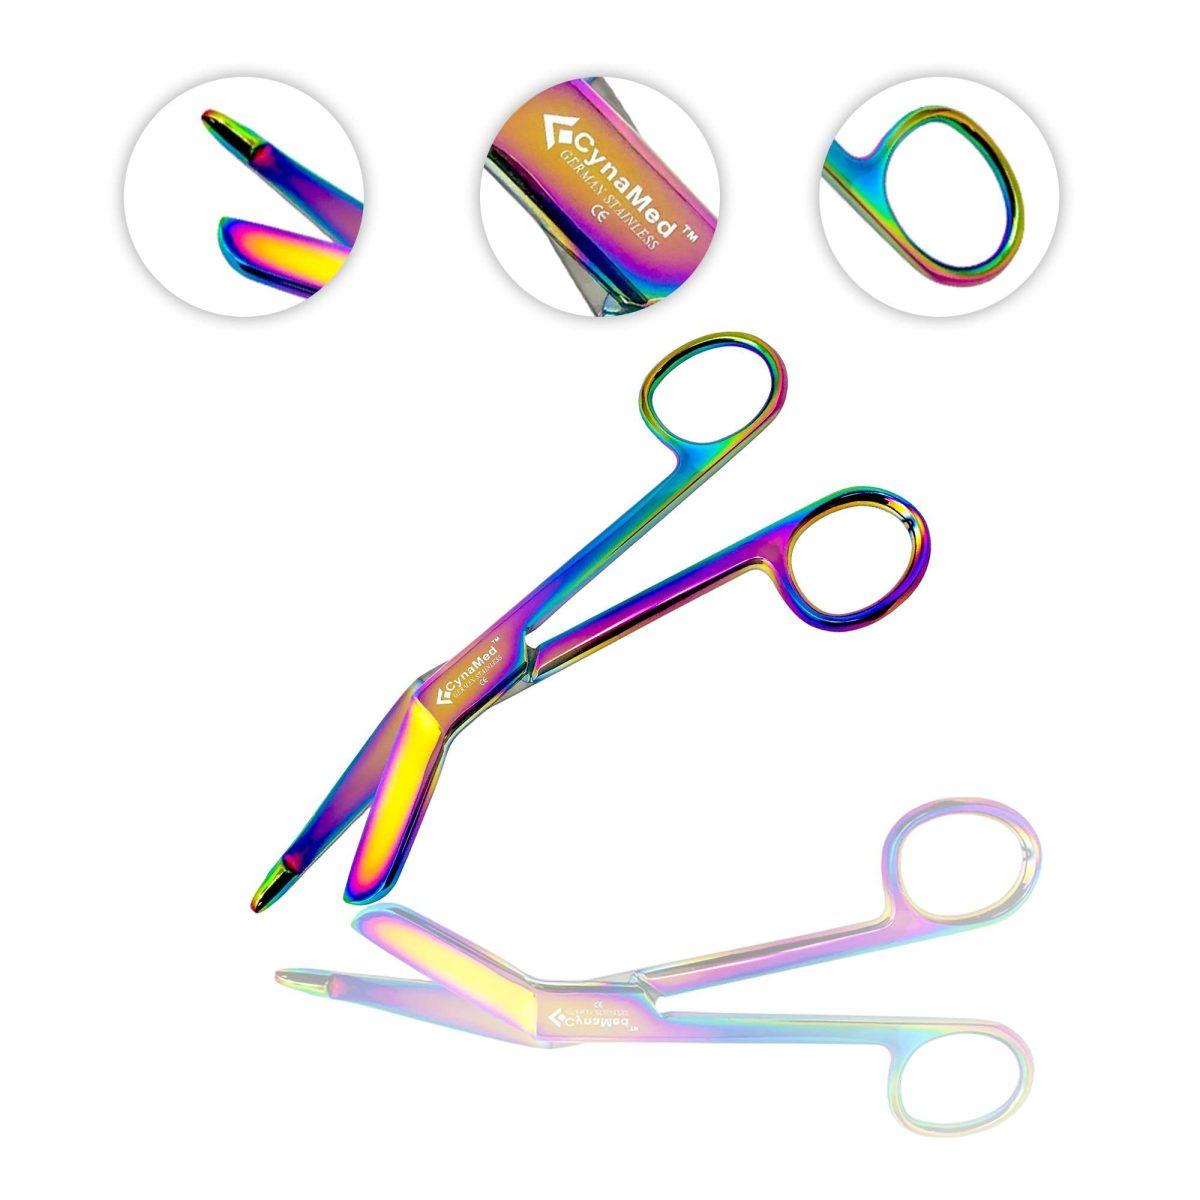 Lister Bandage Scissors